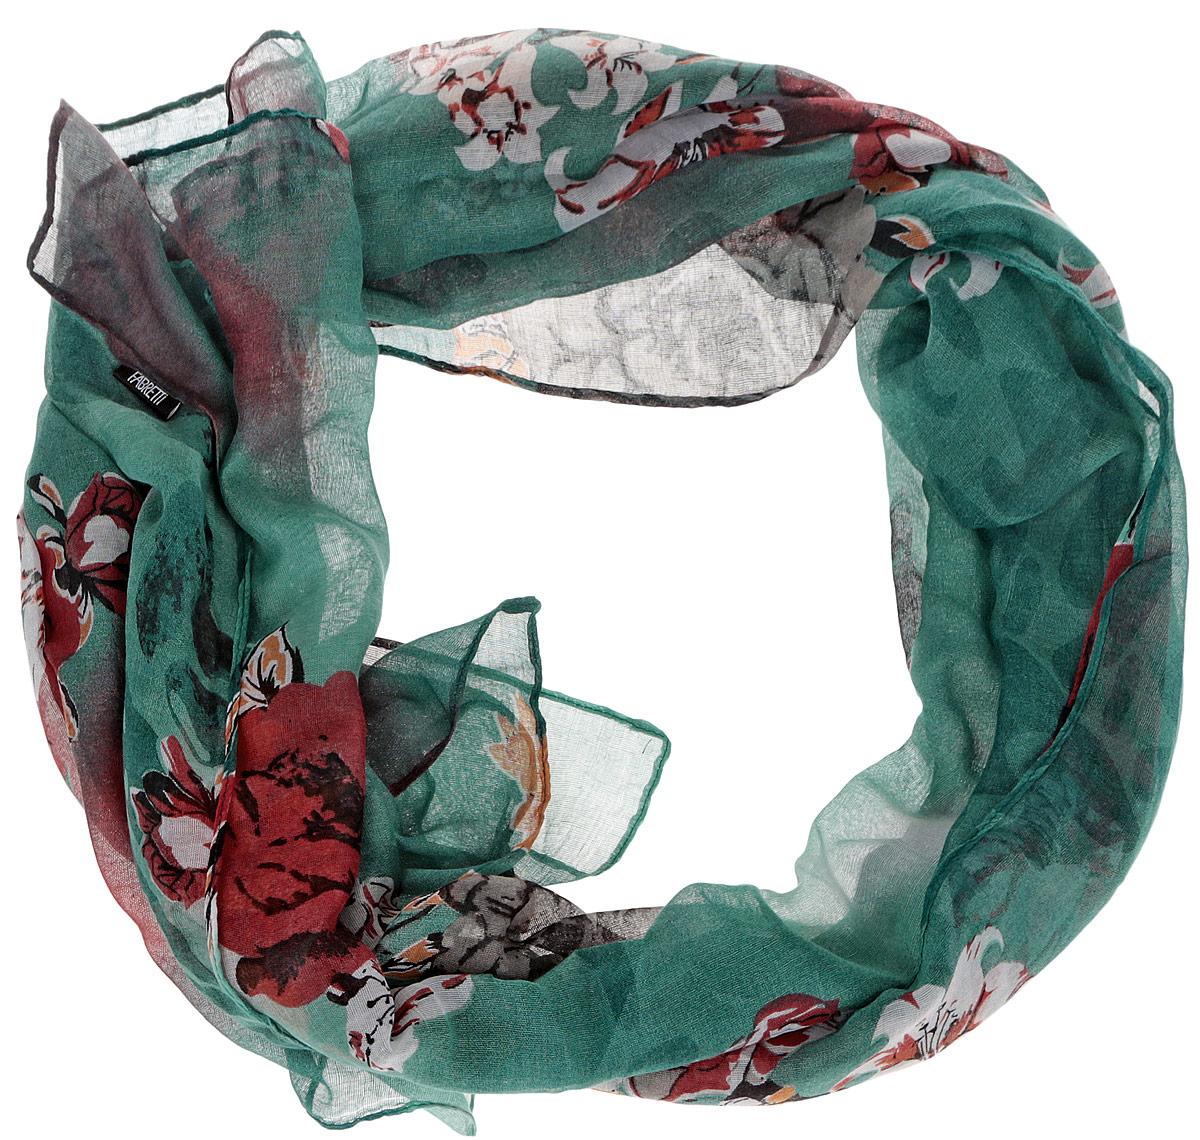 ШарфJH599-1Модный женский шарф Fabretti подарит вам уют и станет стильным аксессуаром, который призван подчеркнуть вашу индивидуальность и женственность. Тонкий шарф выполнен из высококачественной 100% вискозы, он невероятно мягкий и приятный на ощупь. Шарф оформлен принтом с изображением пышных цветов. Этот модный аксессуар гармонично дополнит образ современной женщины, следящей за своим имиджем и стремящейся всегда оставаться стильной и элегантной. Такой шарф украсит любой наряд и согреет вас в непогоду, с ним вы всегда будете выглядеть изысканно и оригинально.